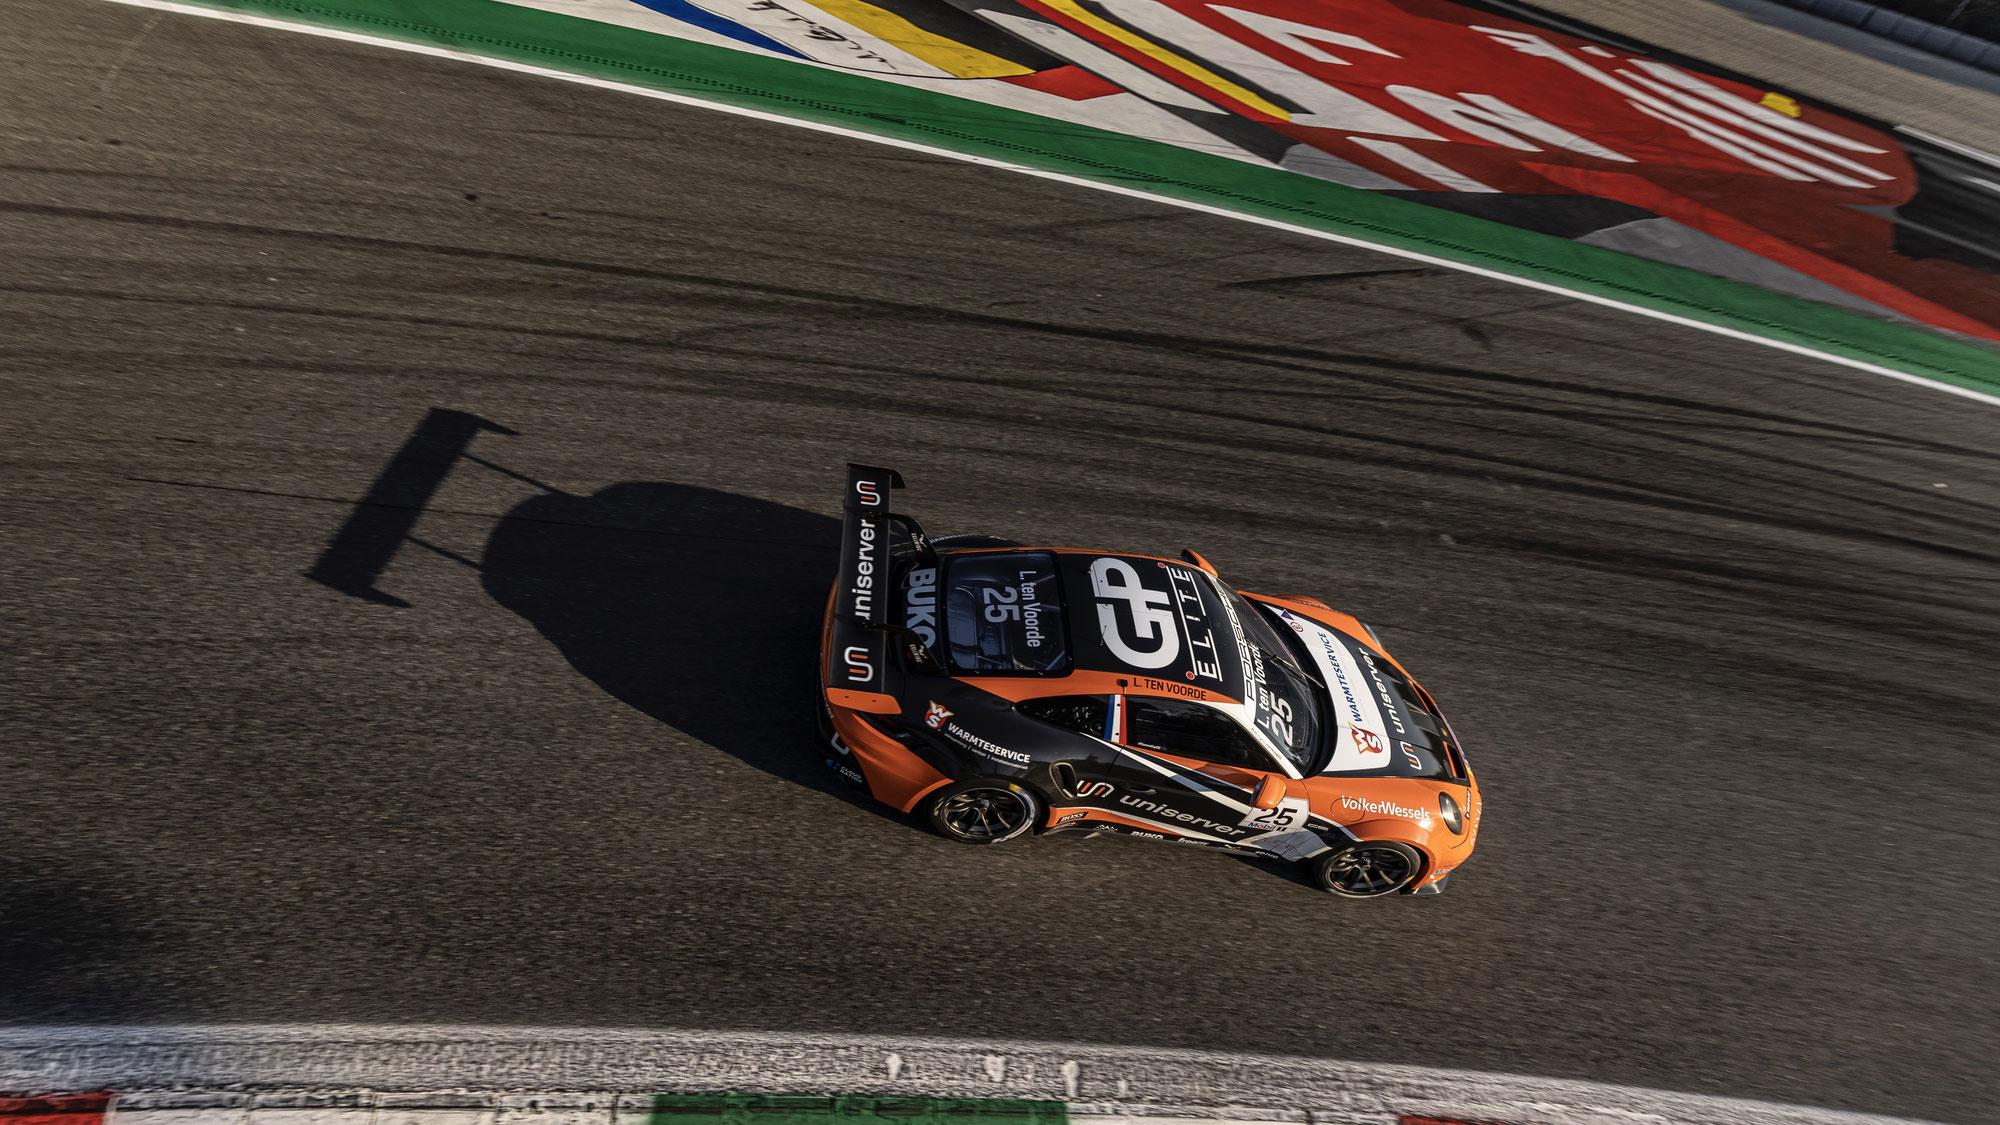 Nervenstark in Monza: Larry ten Voorde behauptet sich im Qualifying-Krimi